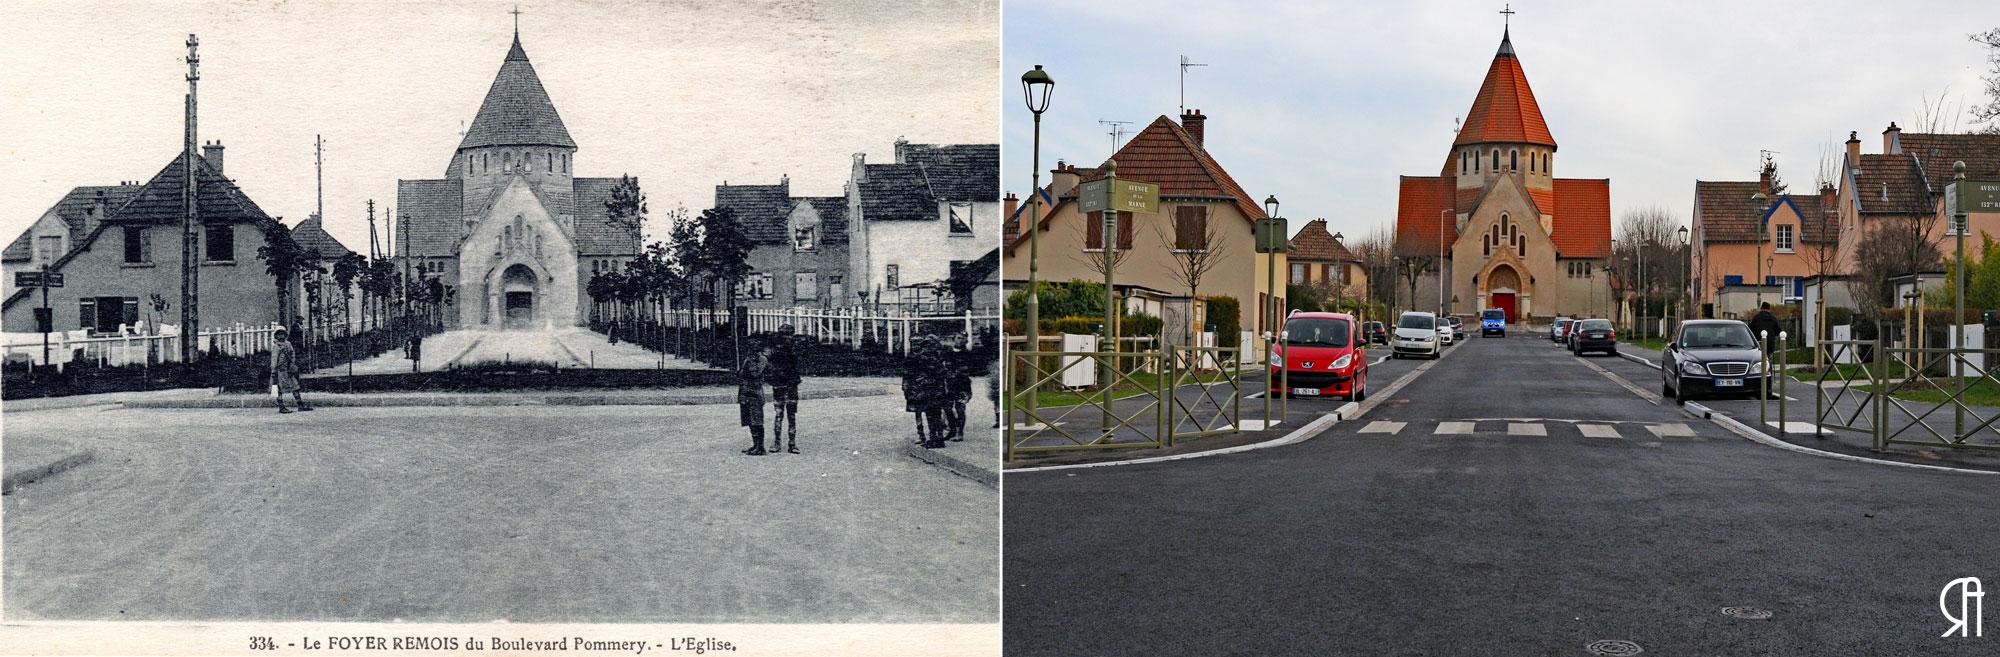 L'Avenue de la Marne et l'Église Saint-Nicaise